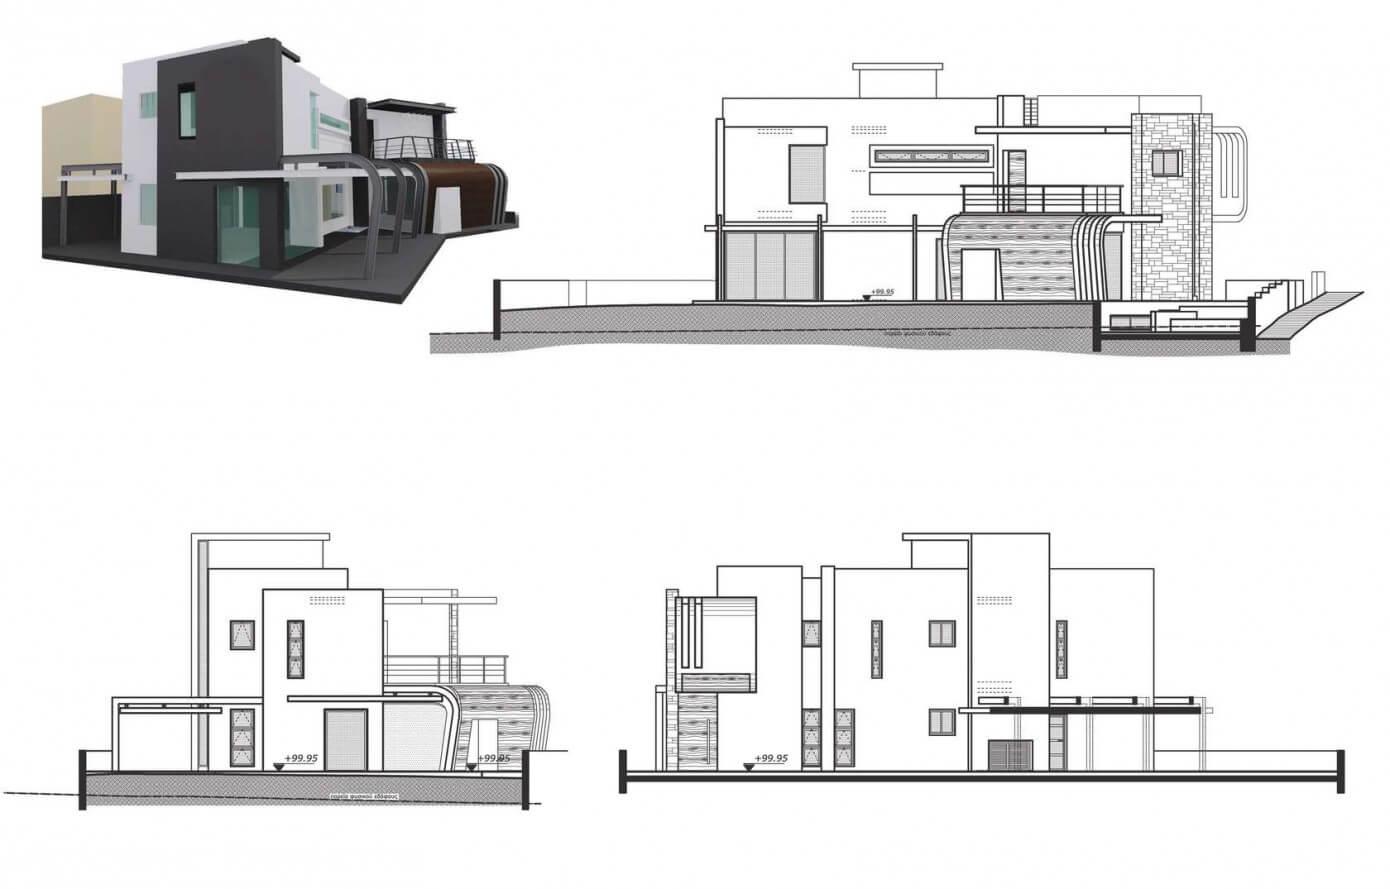 Modelo 3d y alzados de casa moderna de dos plantas for Planos y fachadas de casas modernas